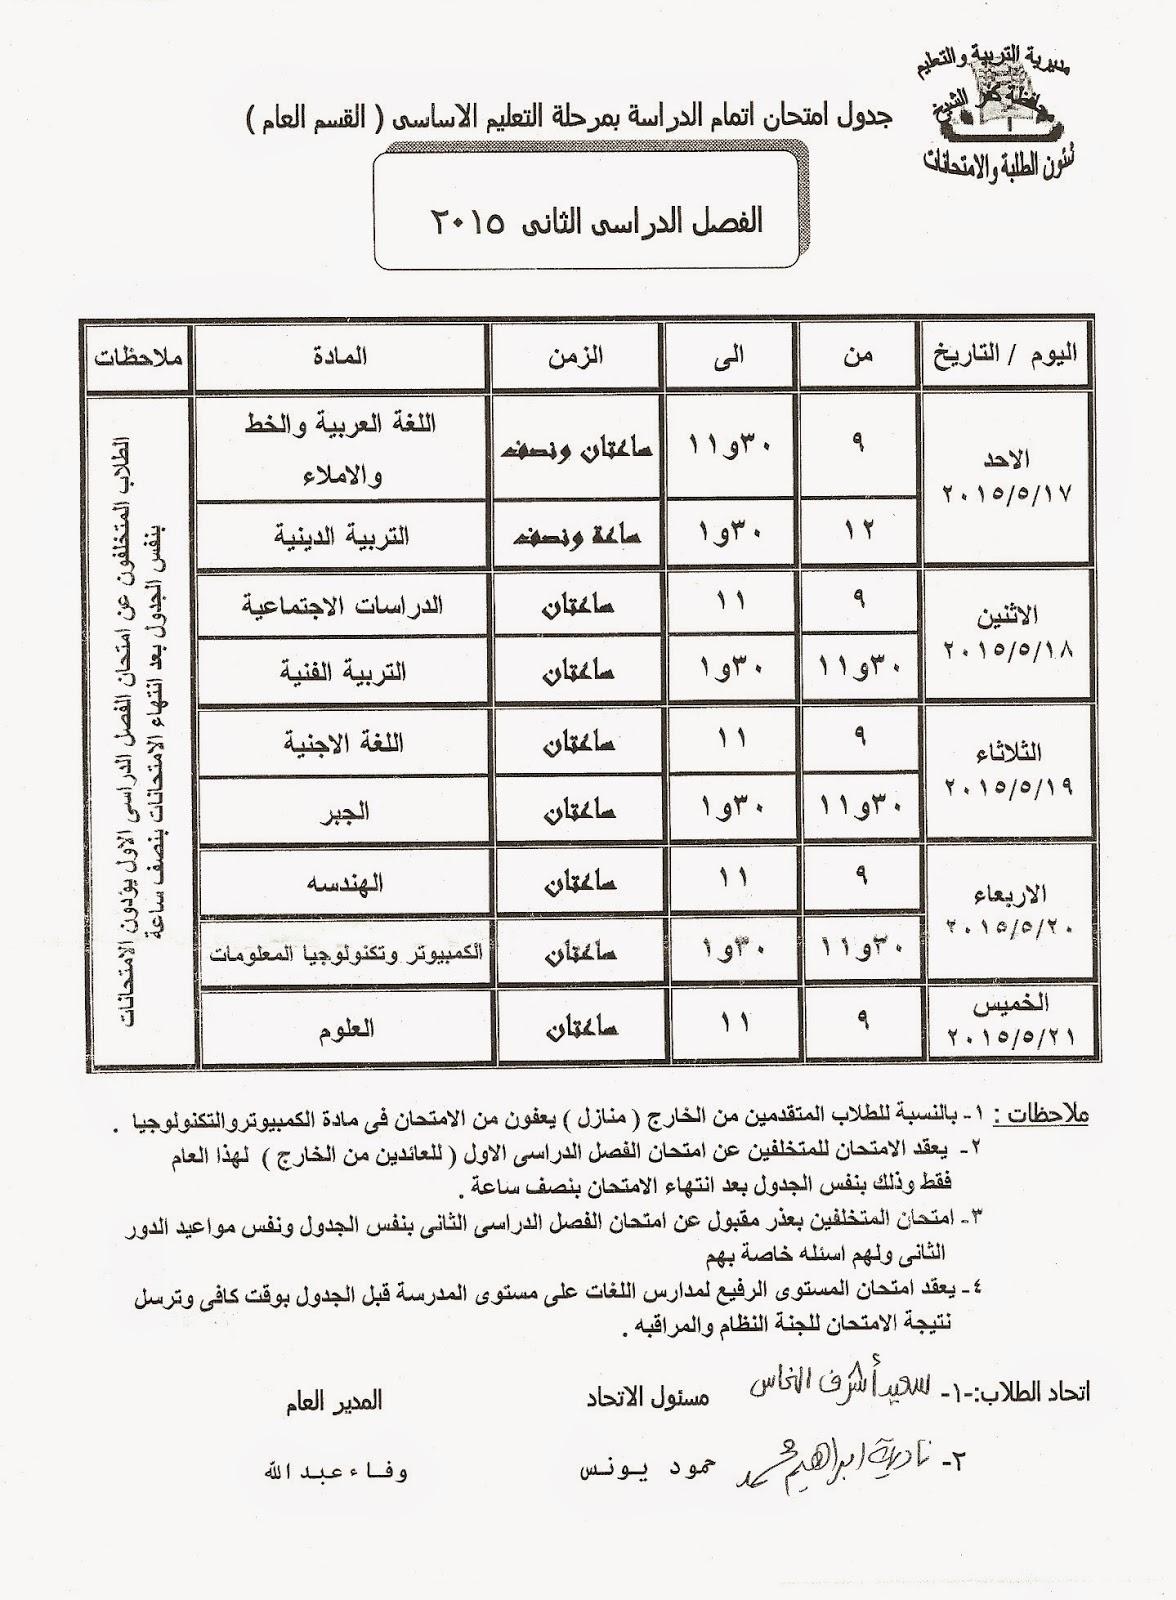 جداول كل فرق كفر الشيخ أخر العام2015 امتحانات ابتدائى و إعدادى و ثانوى جدو%D